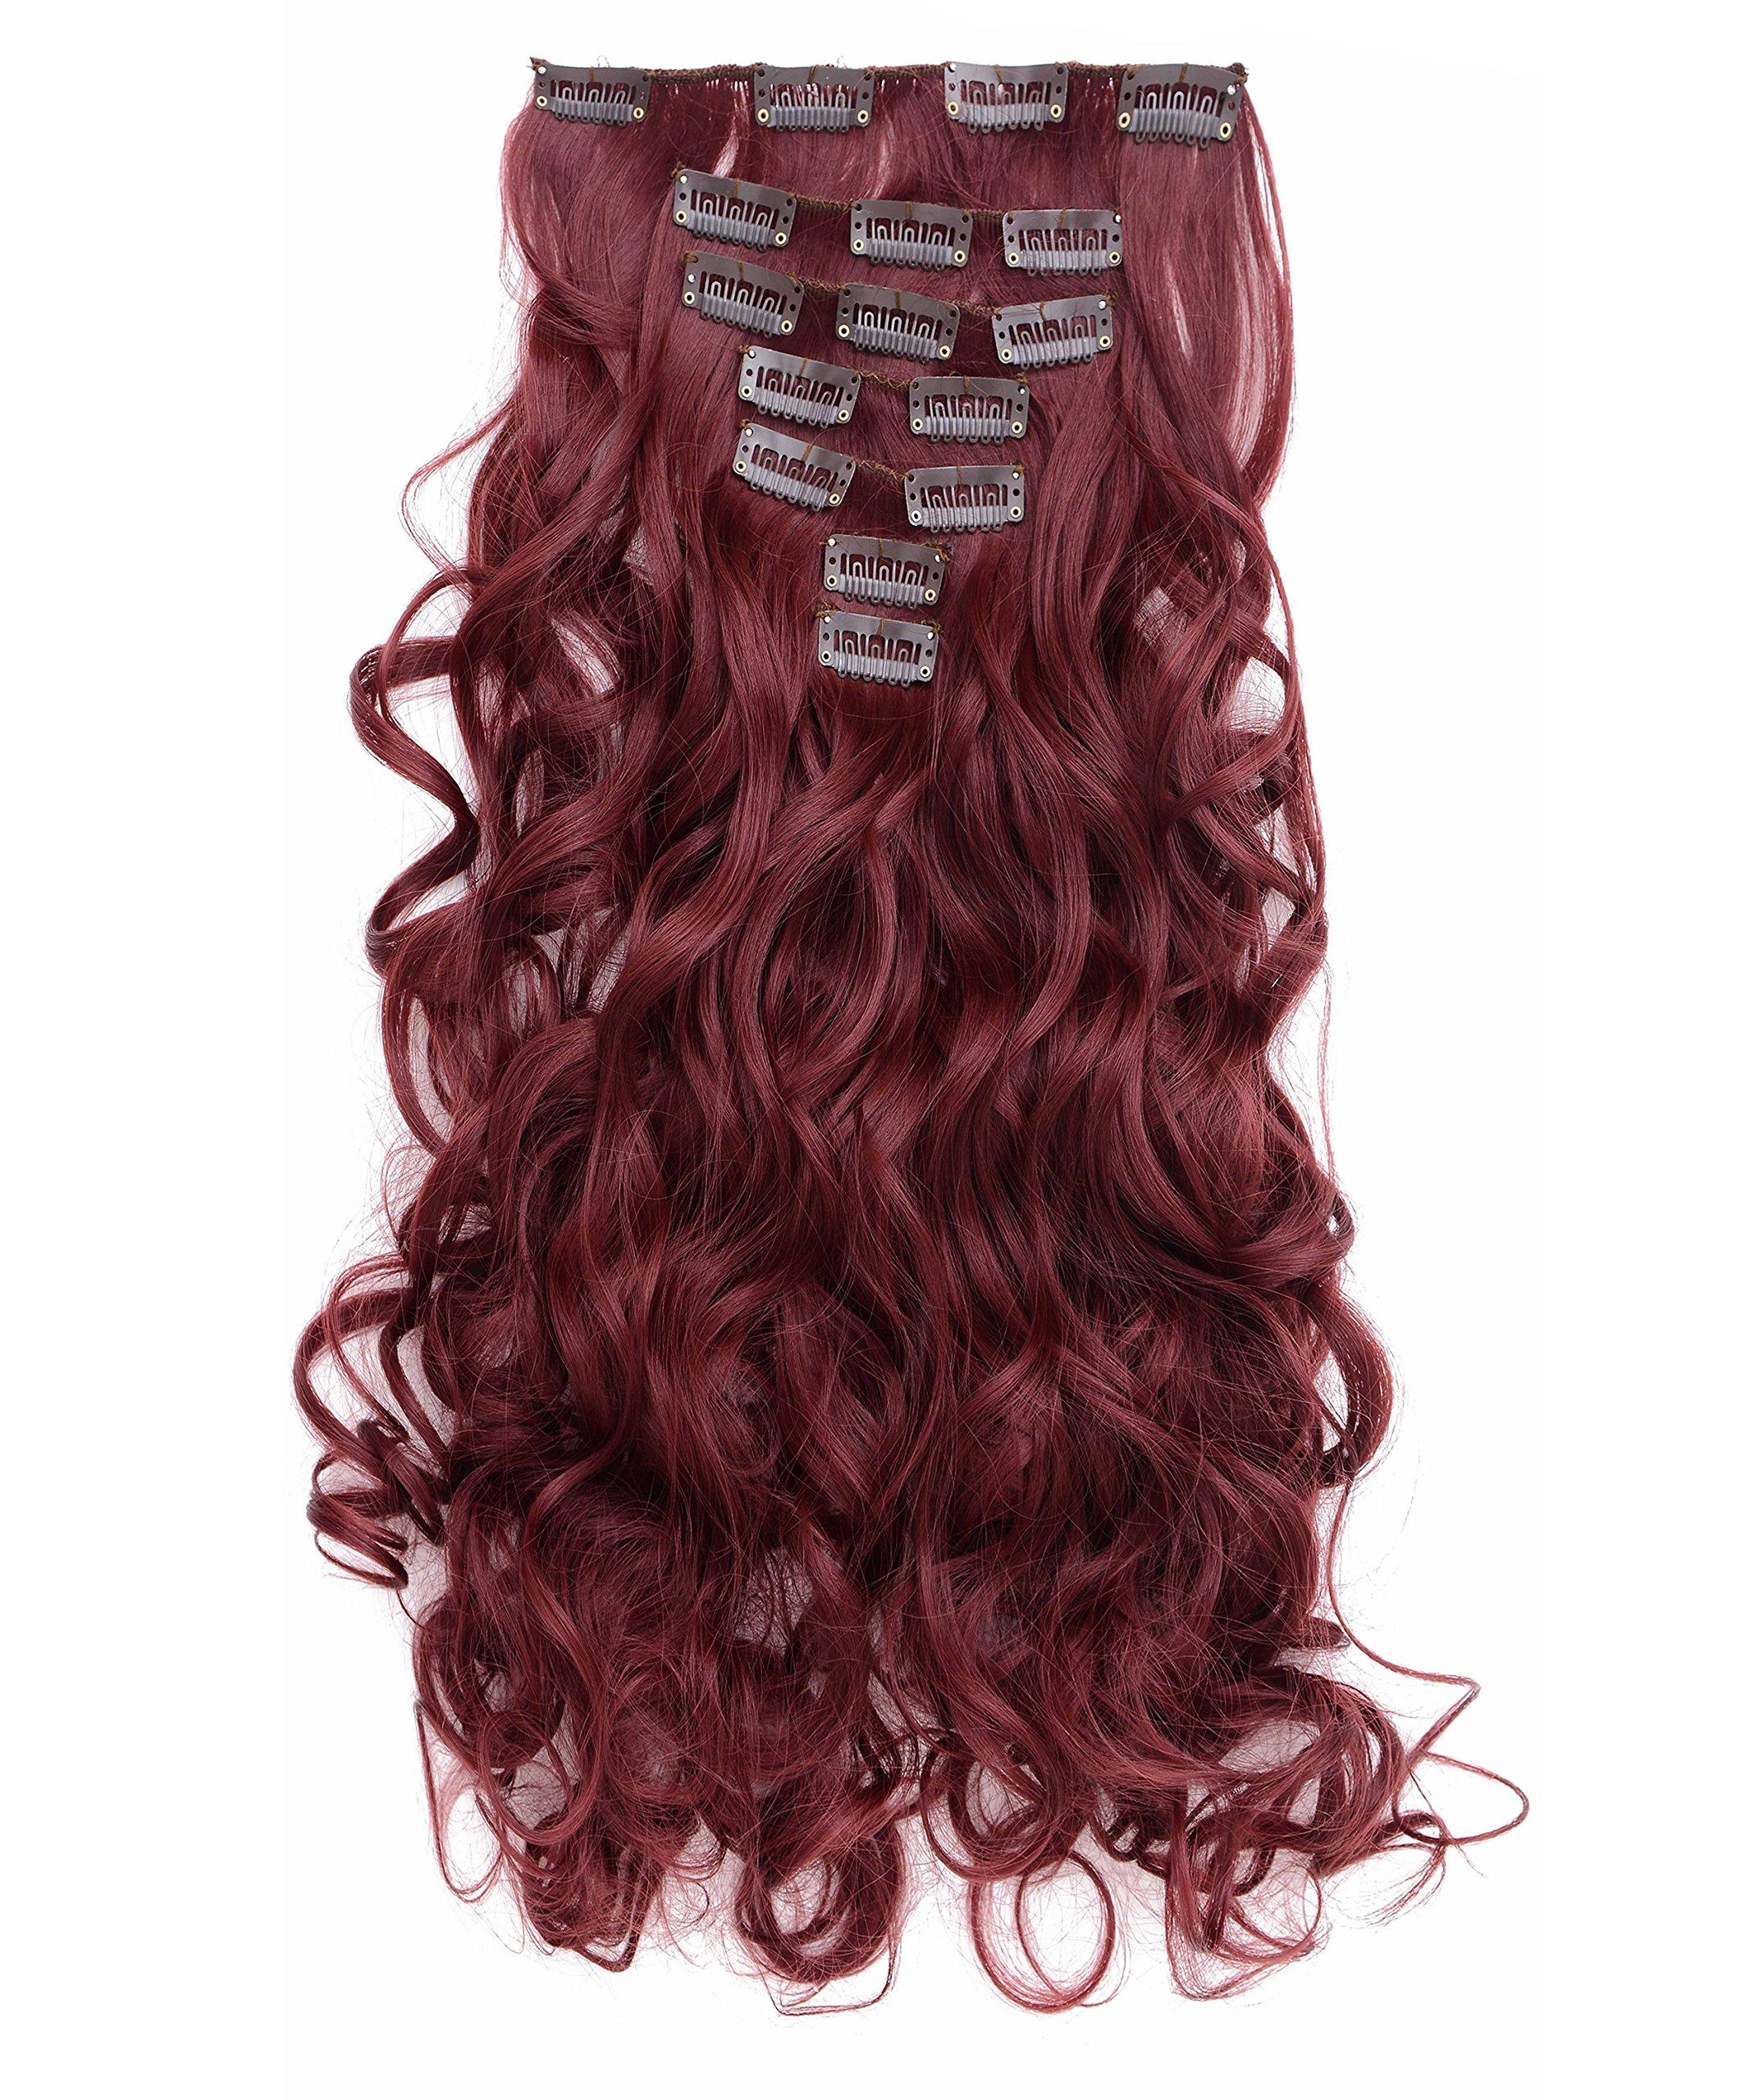 Amazon Diforbeauty 20 Women Long Curly Full Head Clips In